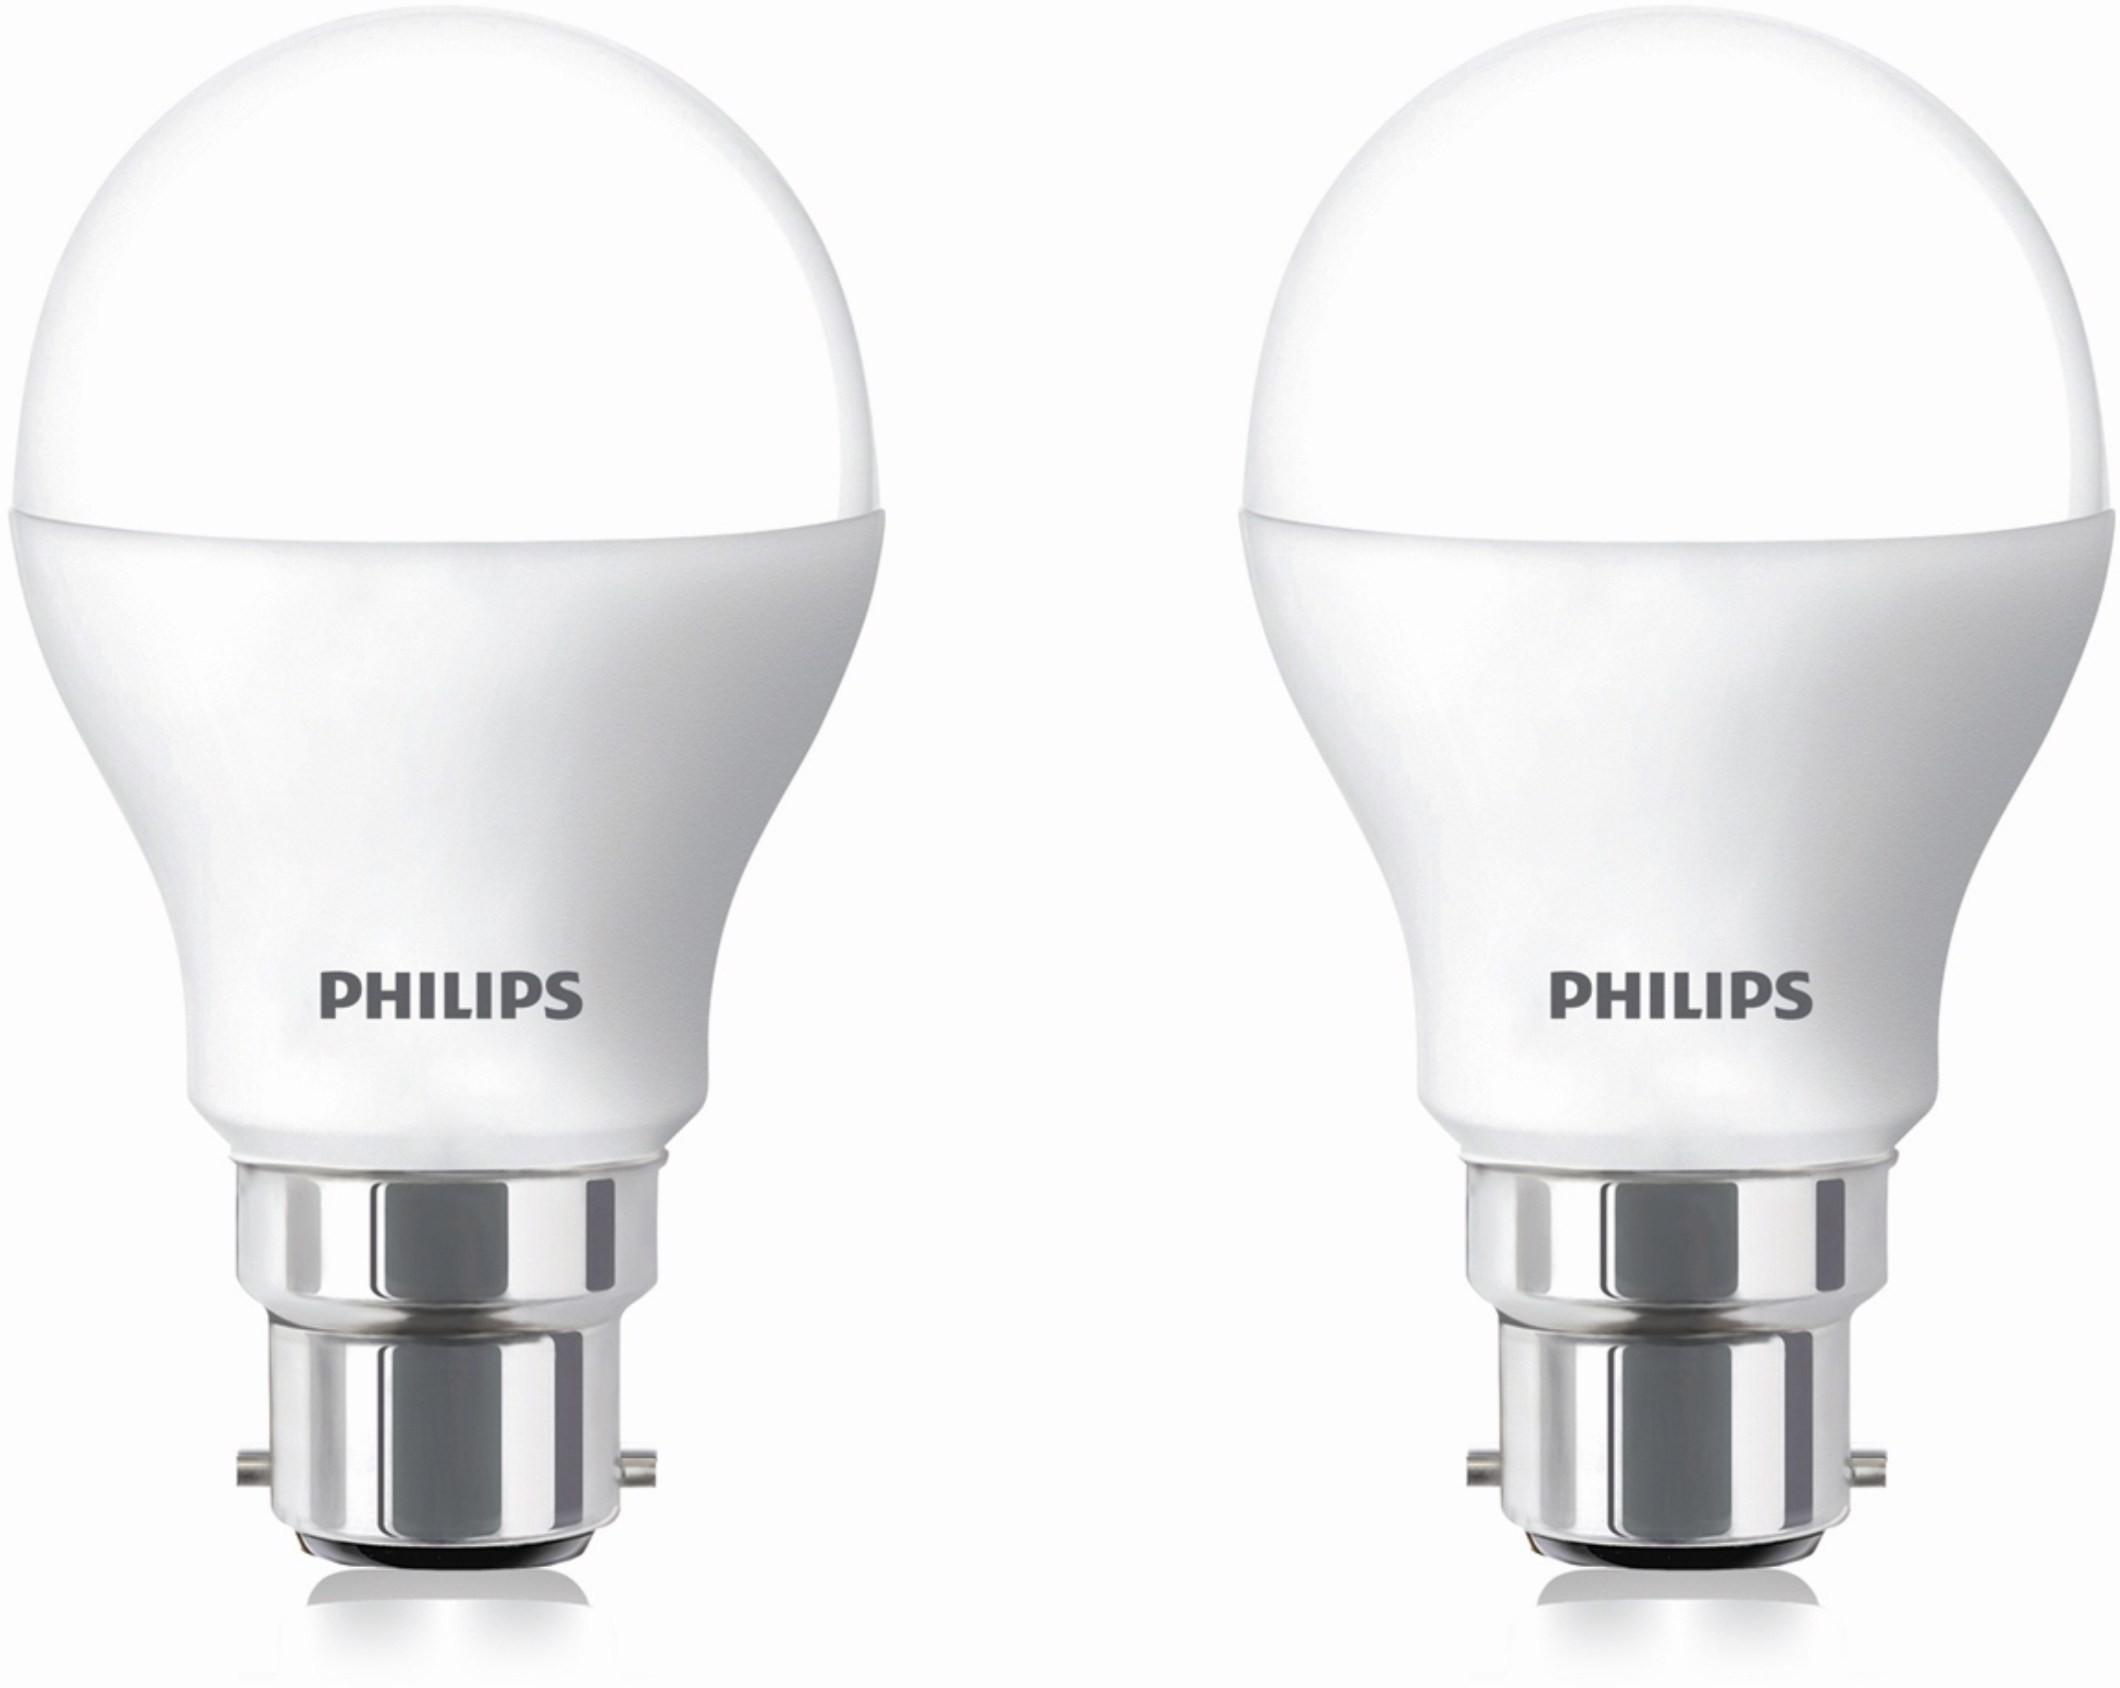 Philips 7 W LED Bulb Bulb